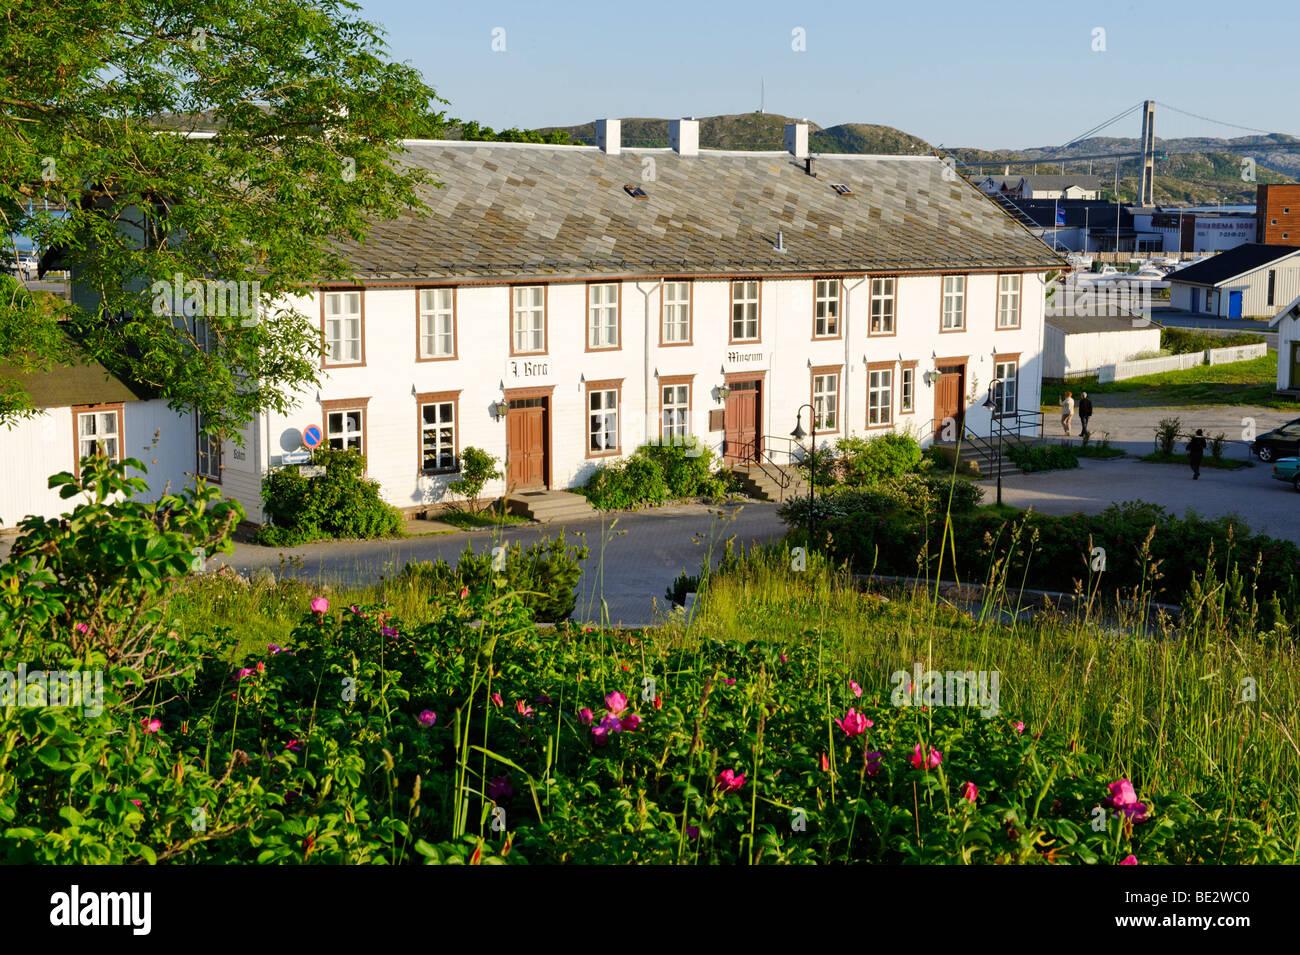 Ex stazione commerciale Berggarden, ora museo locale, Rorvik, Norvegia, Scandinavia, Europa Immagini Stock